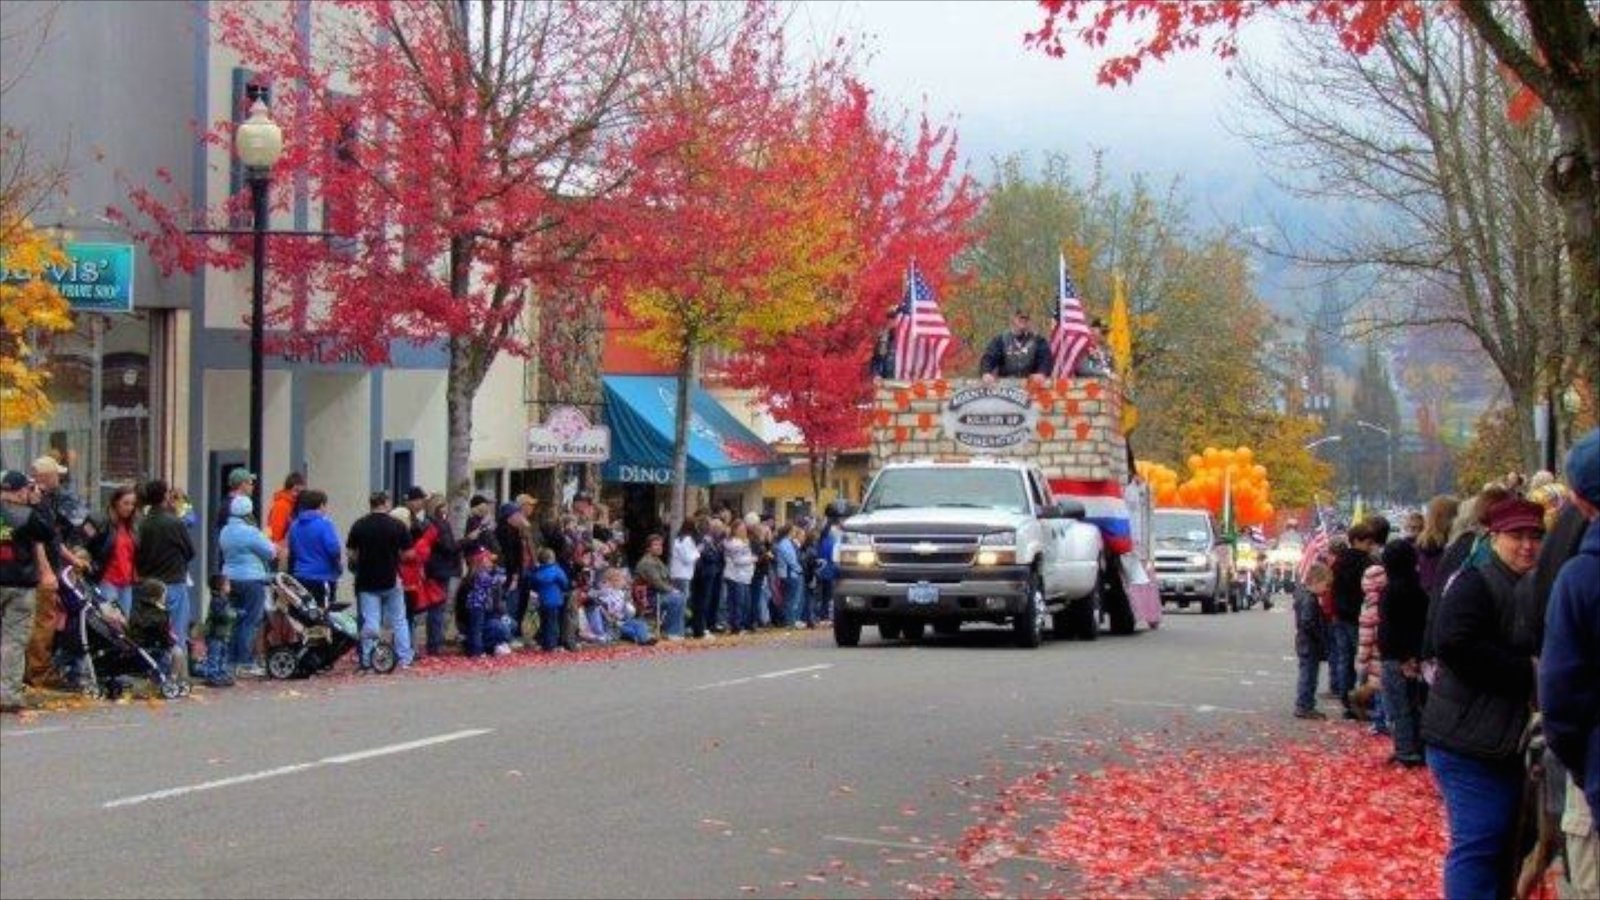 Roseburg mostrando los colores del otoño, escenas urbanas y un festival